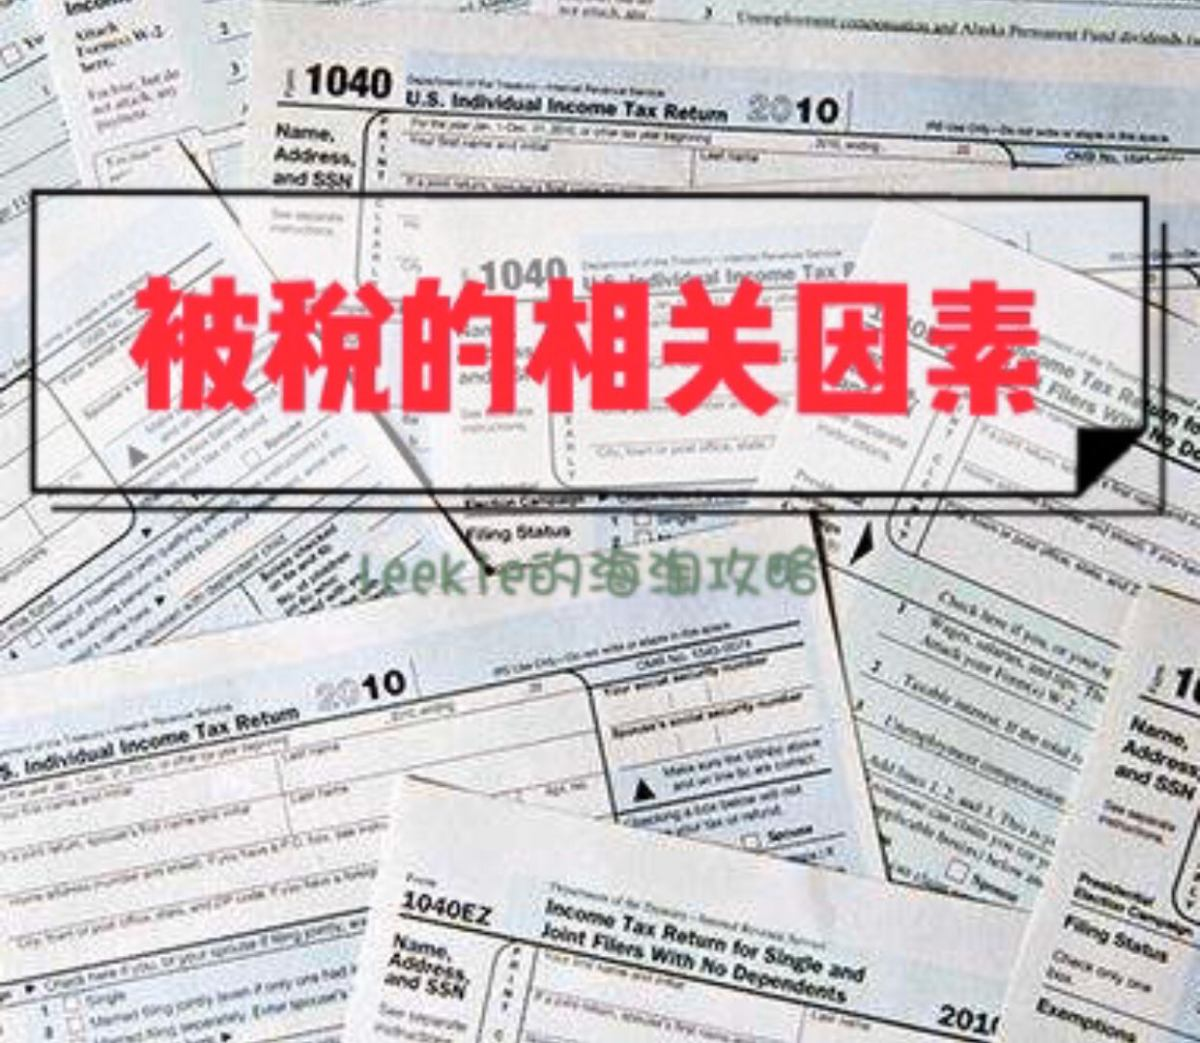 今天你被税了吗?leekie跟你聊聊直邮被税的相关因素